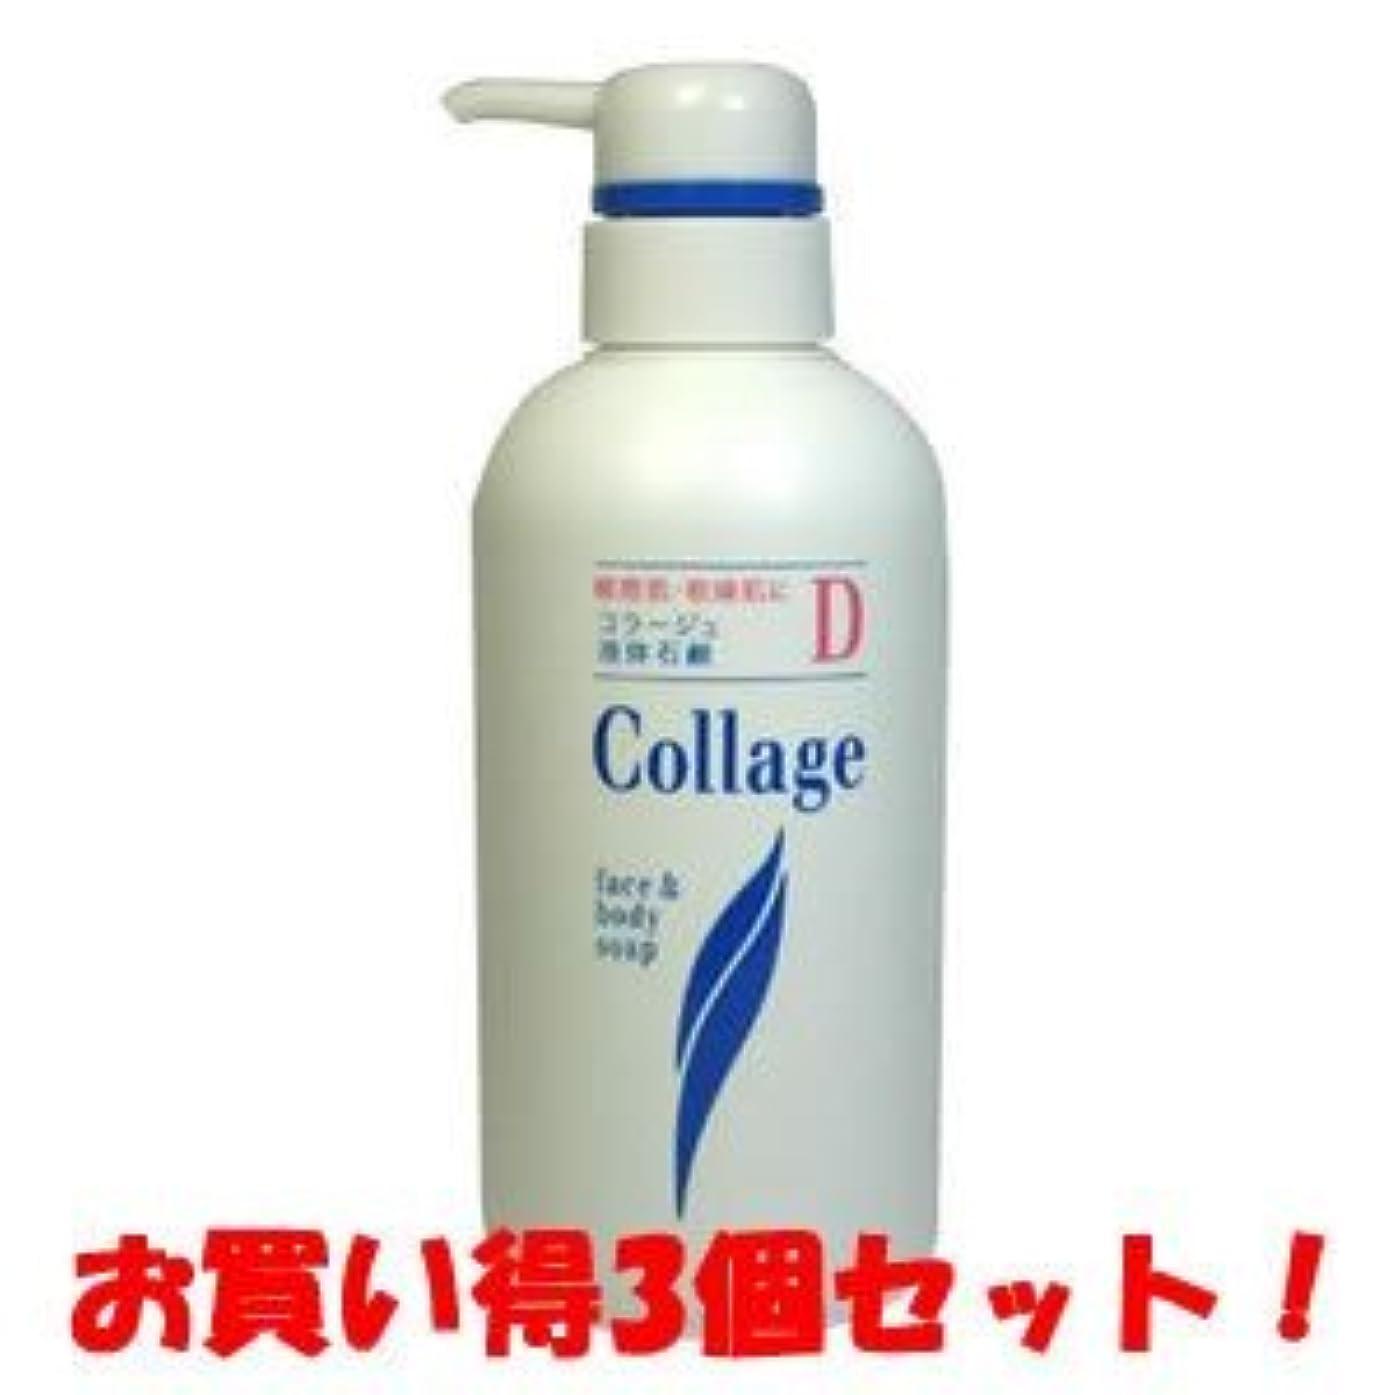 自由欺くディプロマ(持田ヘルスケア)コラージュD 液体石鹸 敏感肌?乾燥肌 400ml(お買い得3個セット)